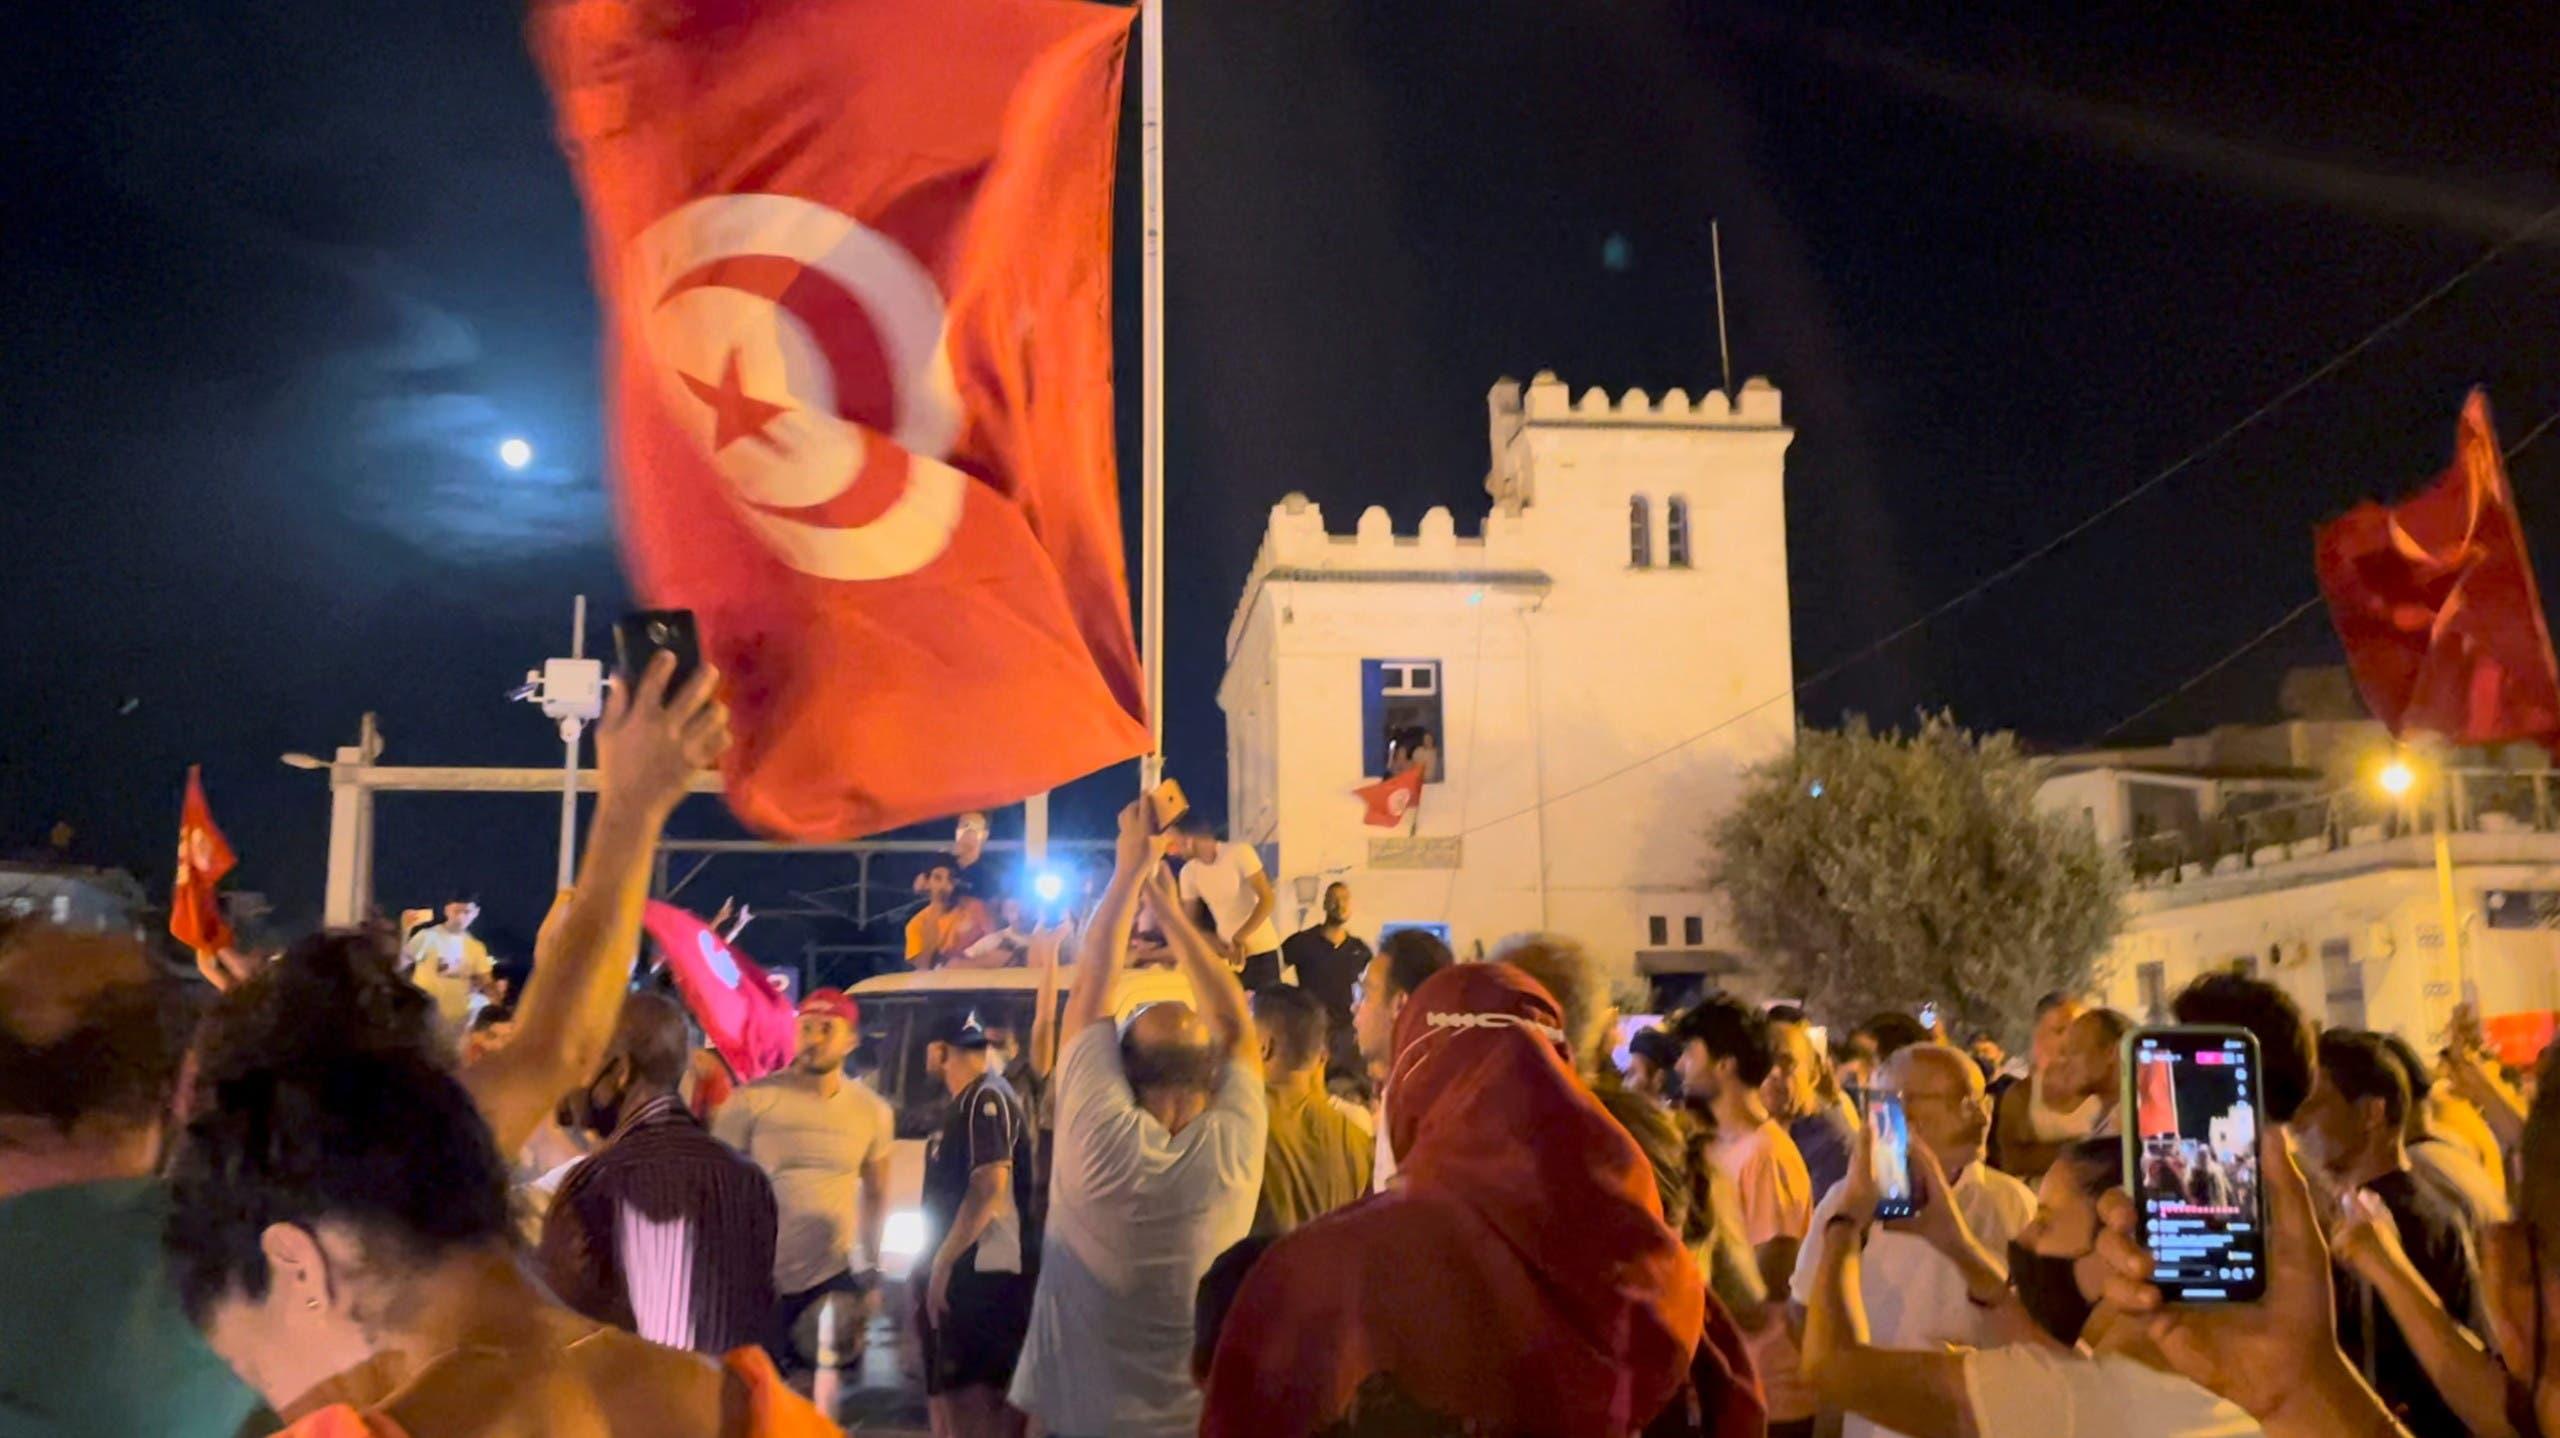 أنصار الرئيس التونسي يحتفلون بإقالة الحكومة بالهتافات والألعاب النارية مساء الأحد